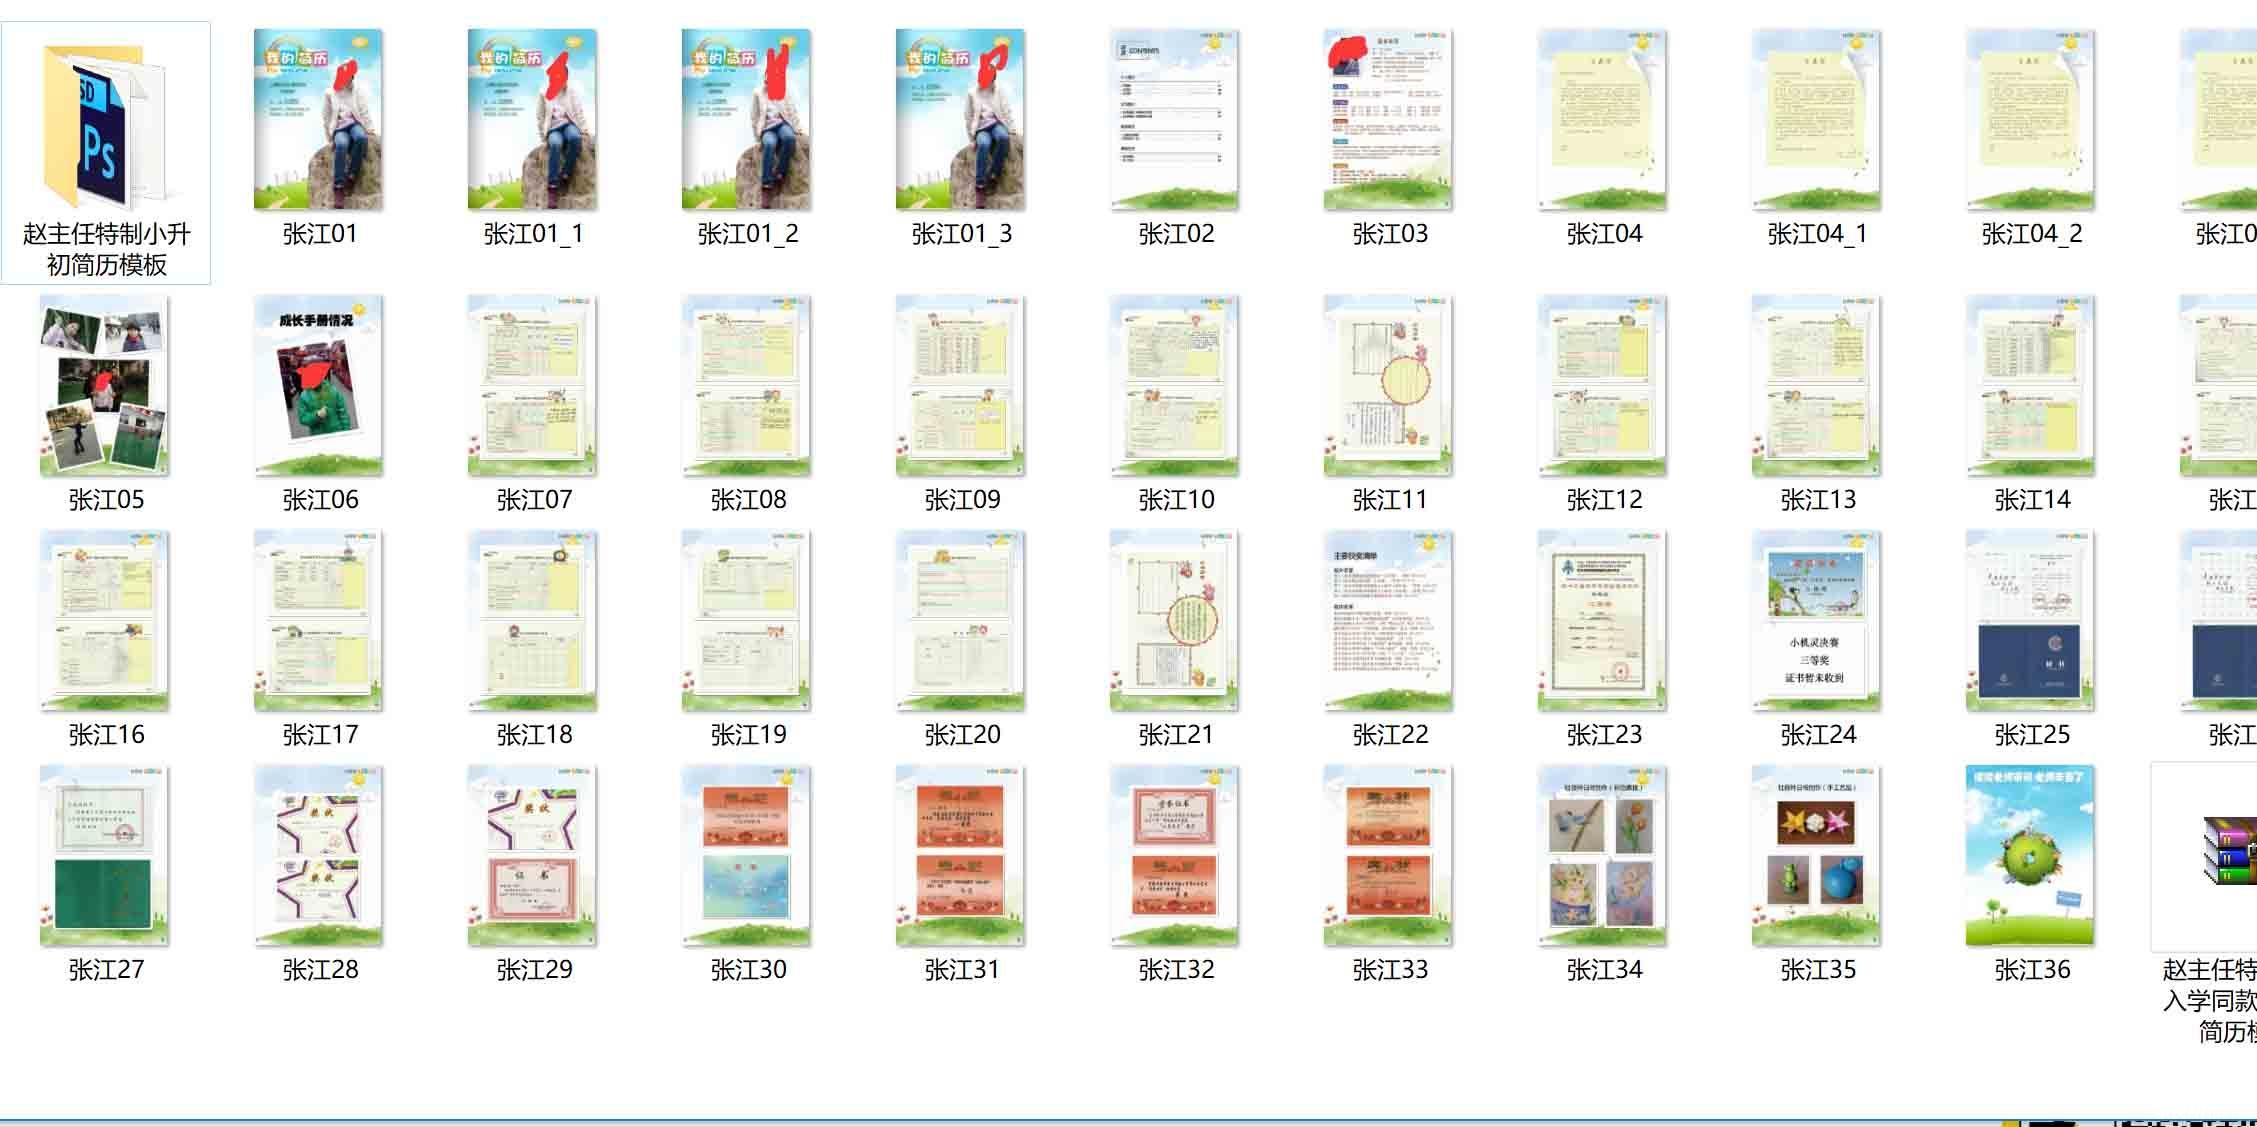 张江集团成功版简历模板使用说明_小高年级_家长帮